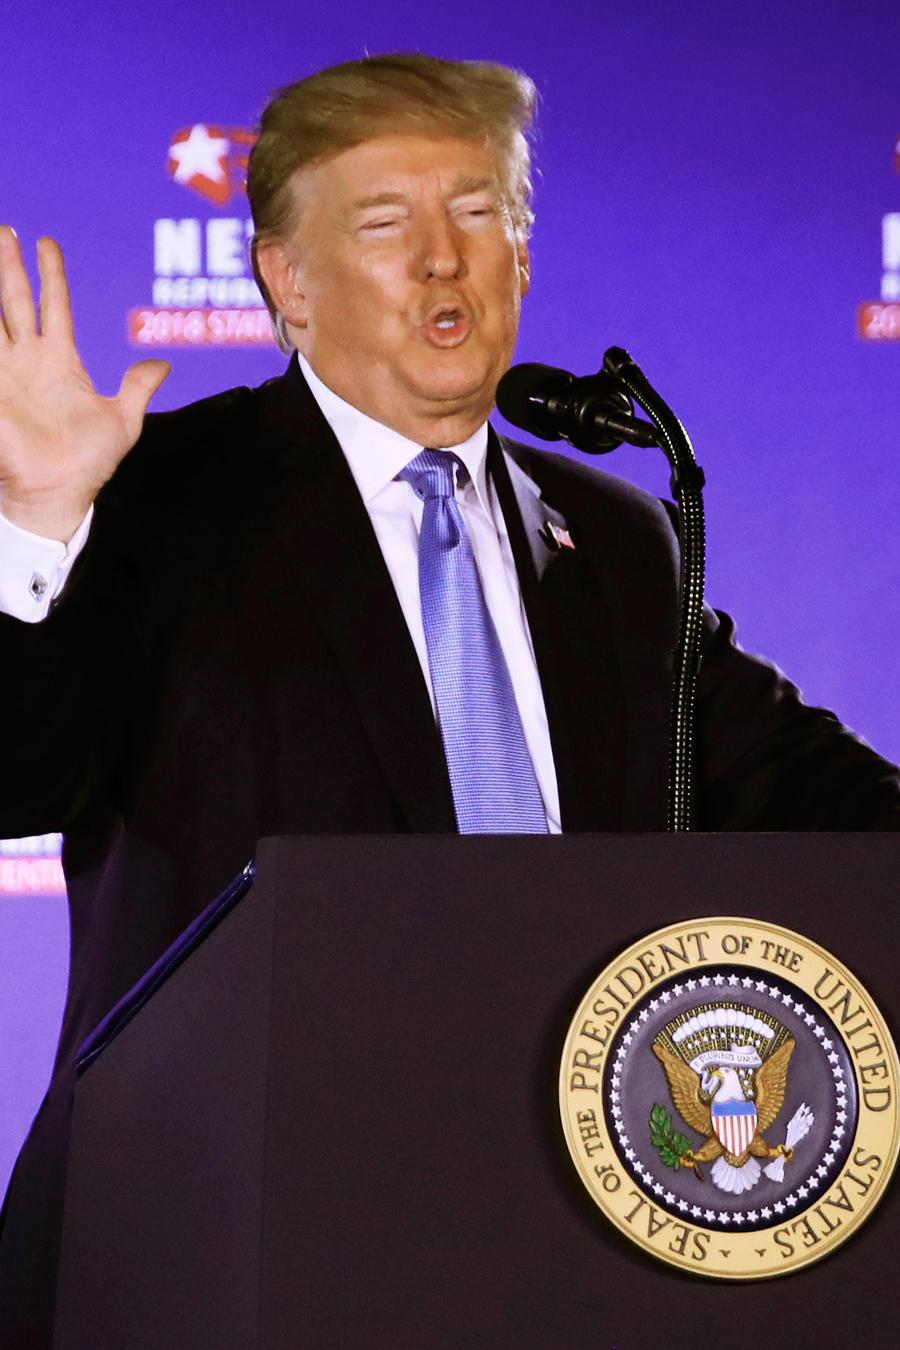 El presidente Donald Trump en Las Vegas en un discurso de apoyo a candidato republicano